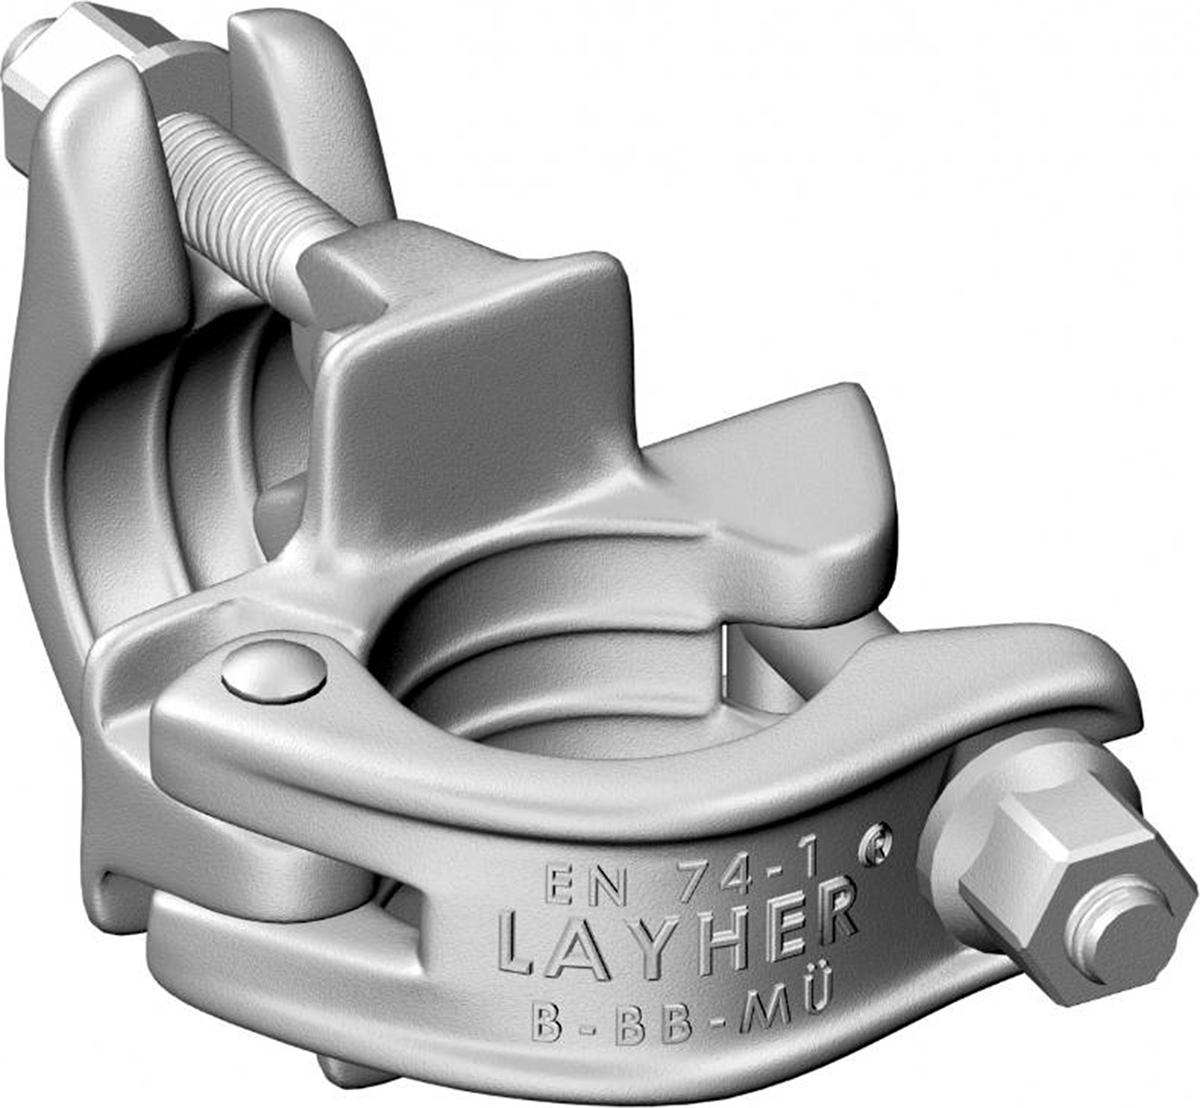 Layher Fahrgerüst Spezialkupplung starr SW 19